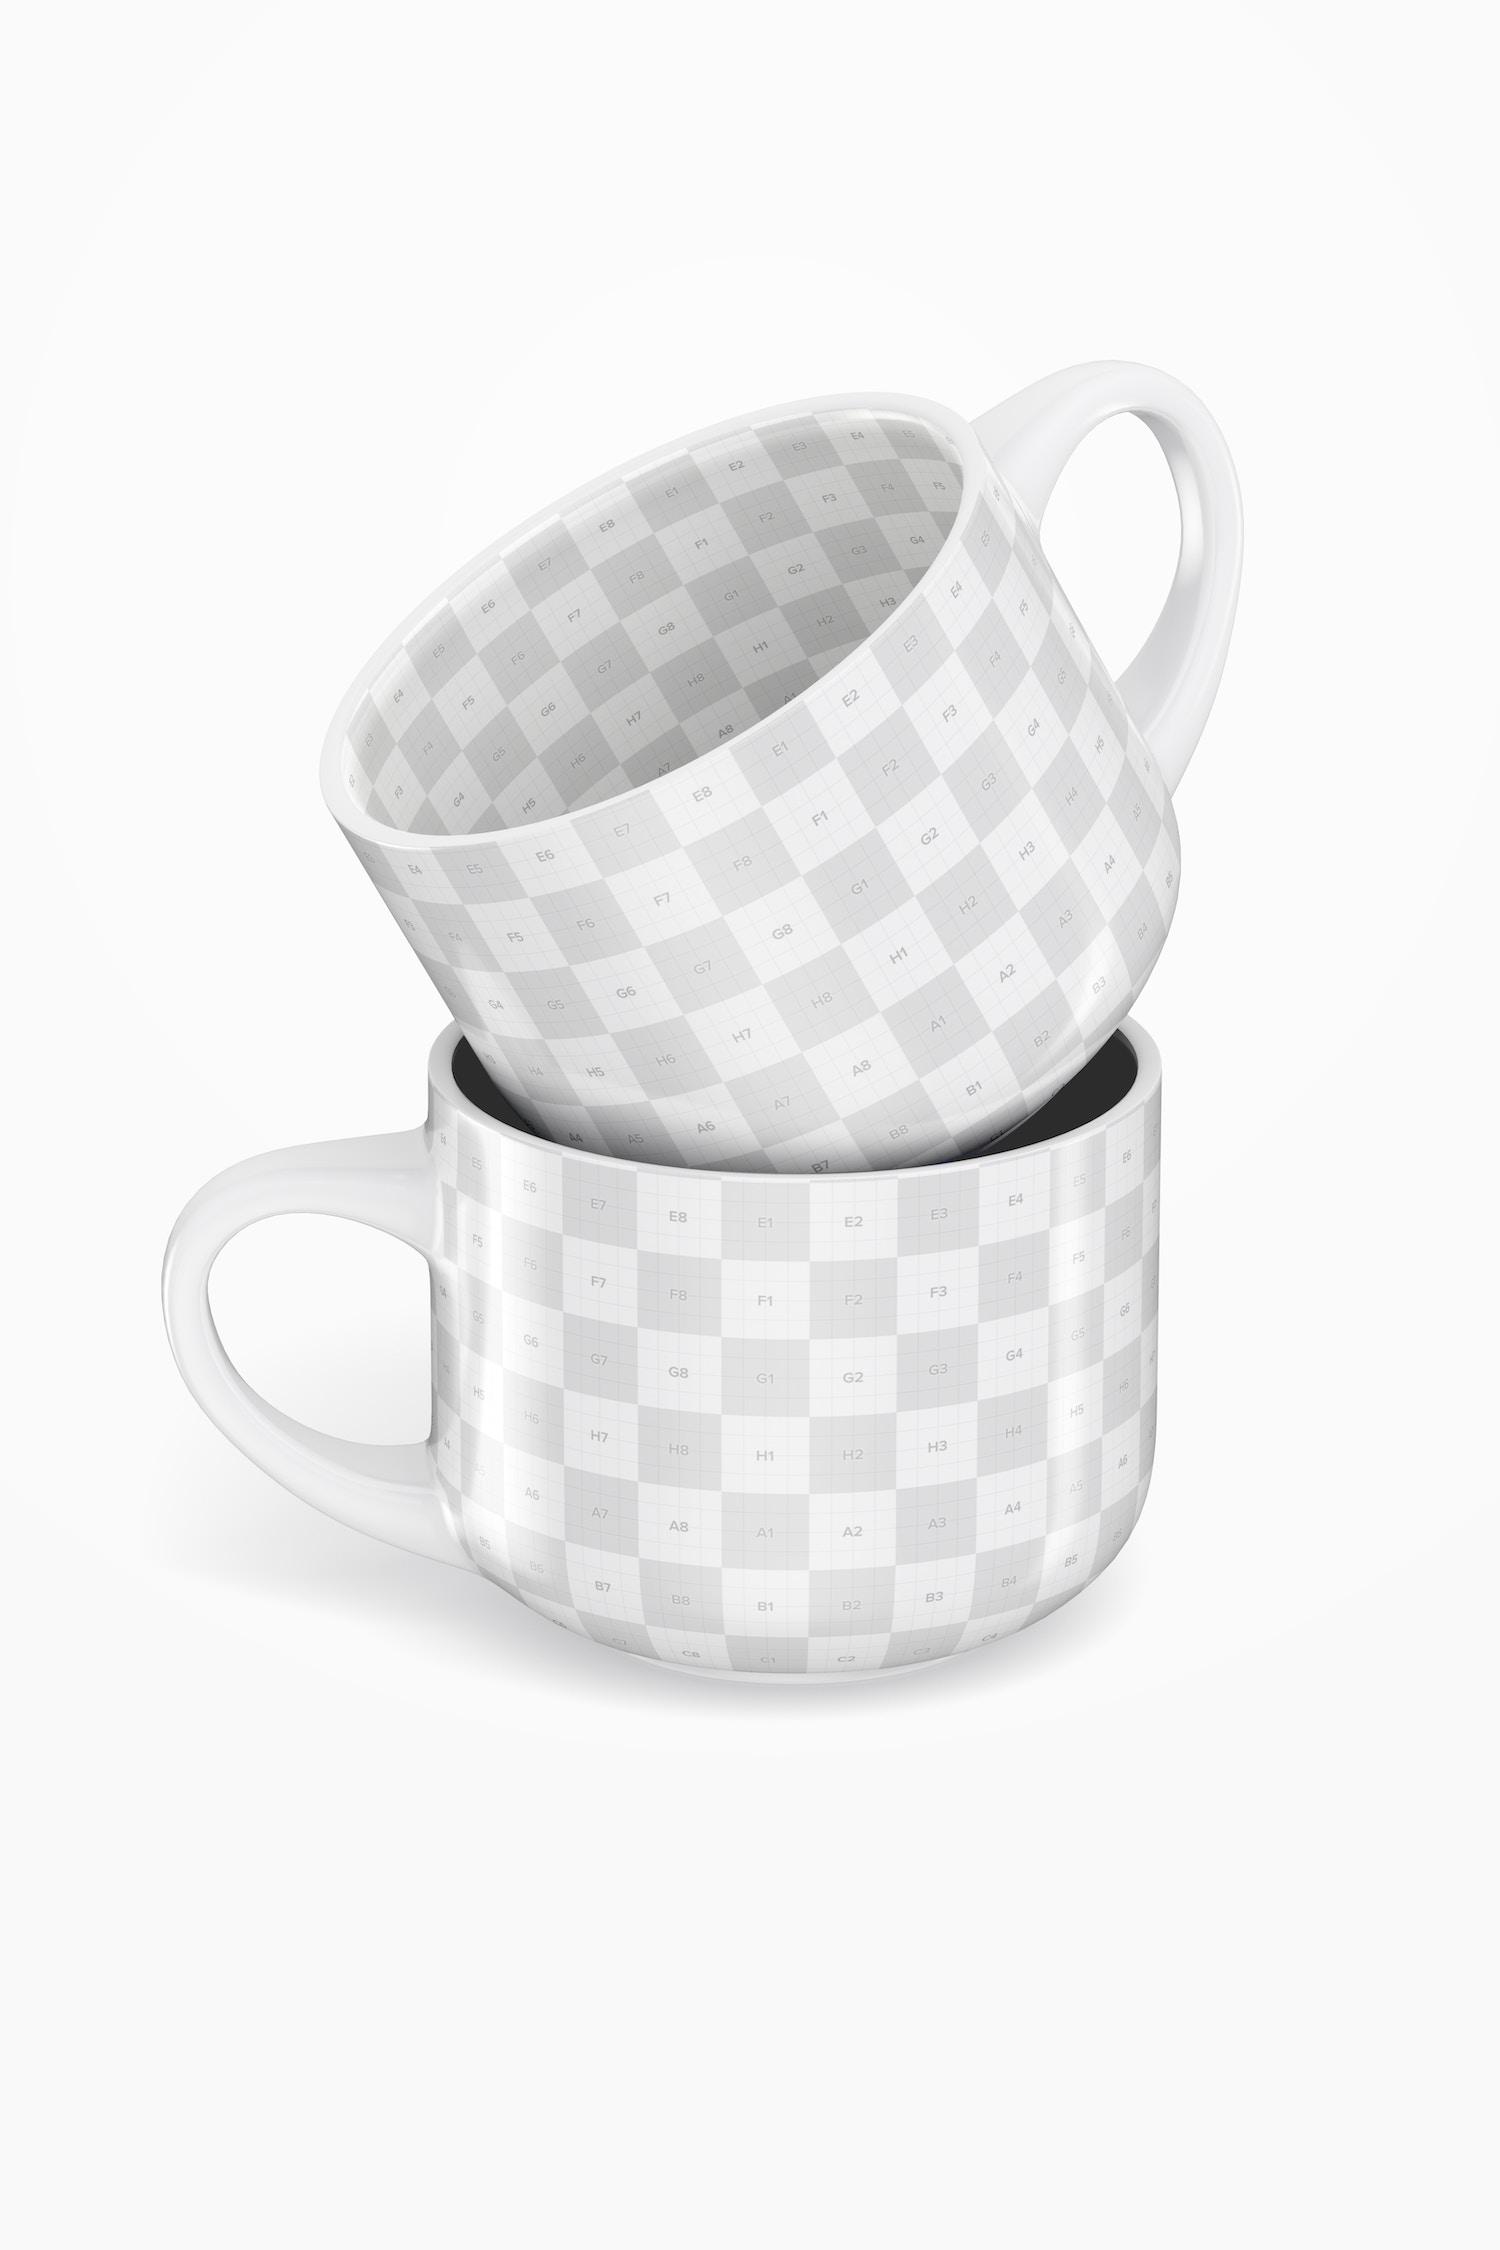 15 oz Jumbo Ceramic Soup Mug Mockup, Stacked